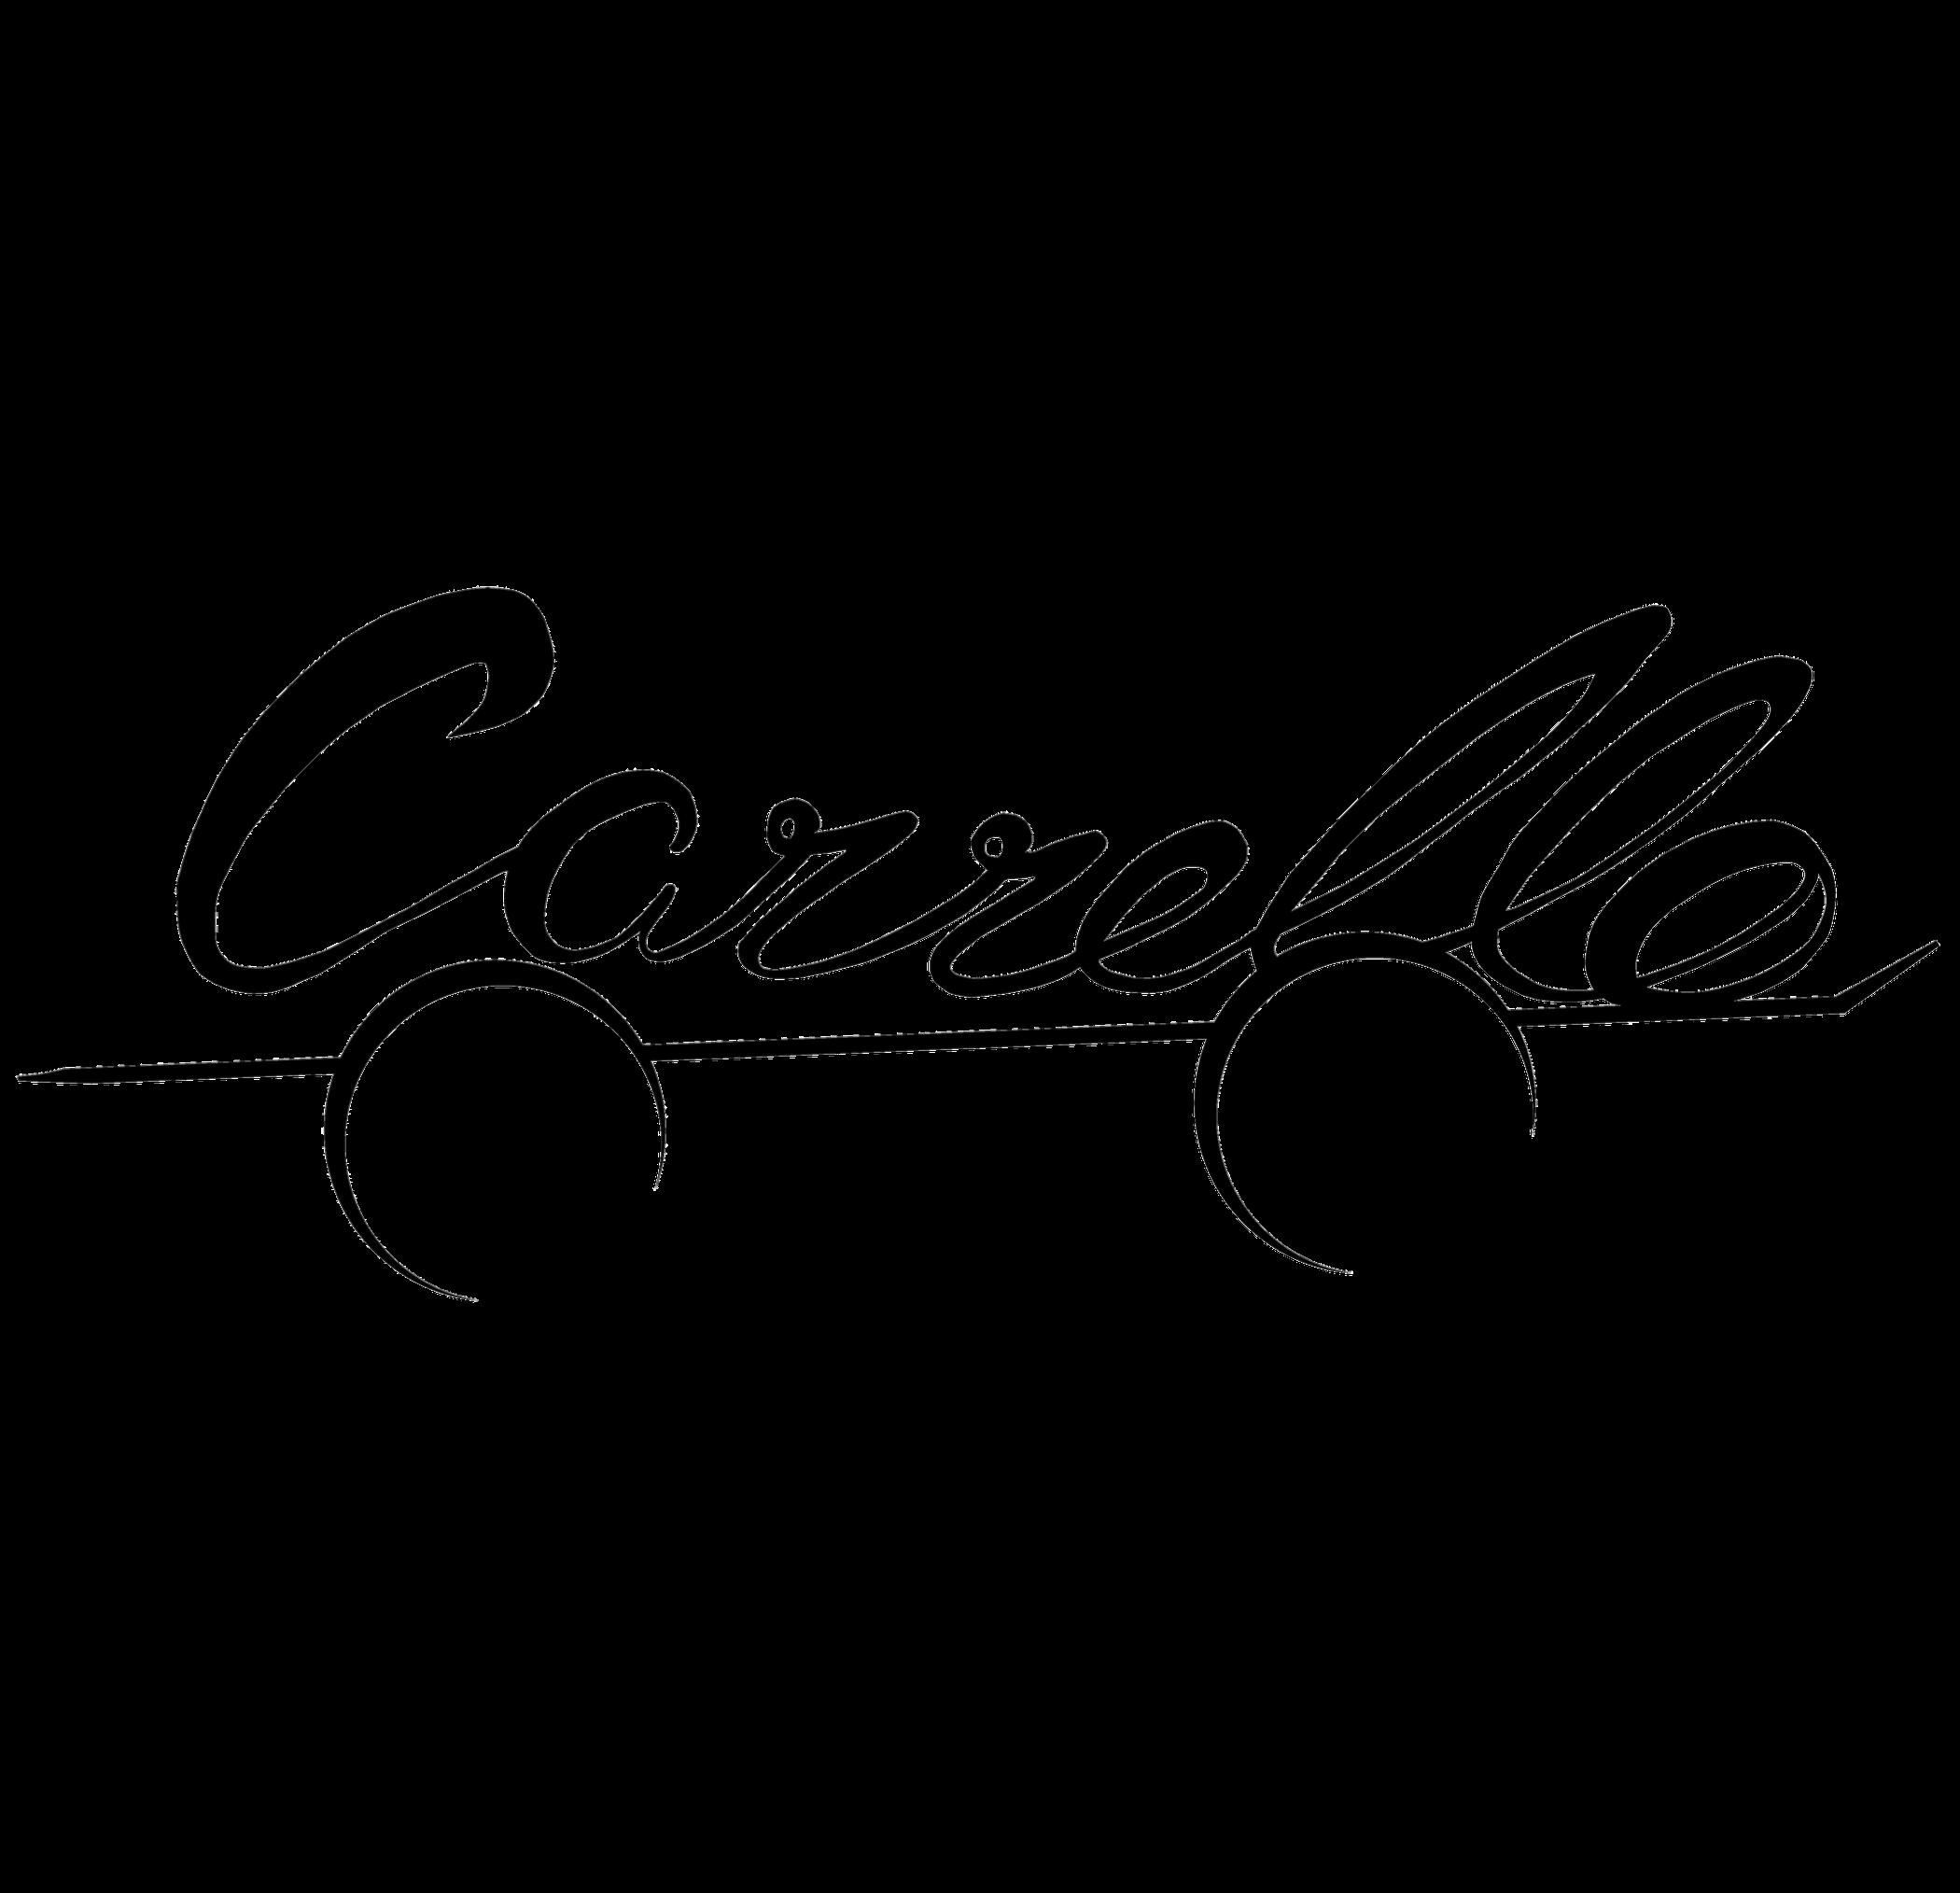 Carrello Logo Cropped